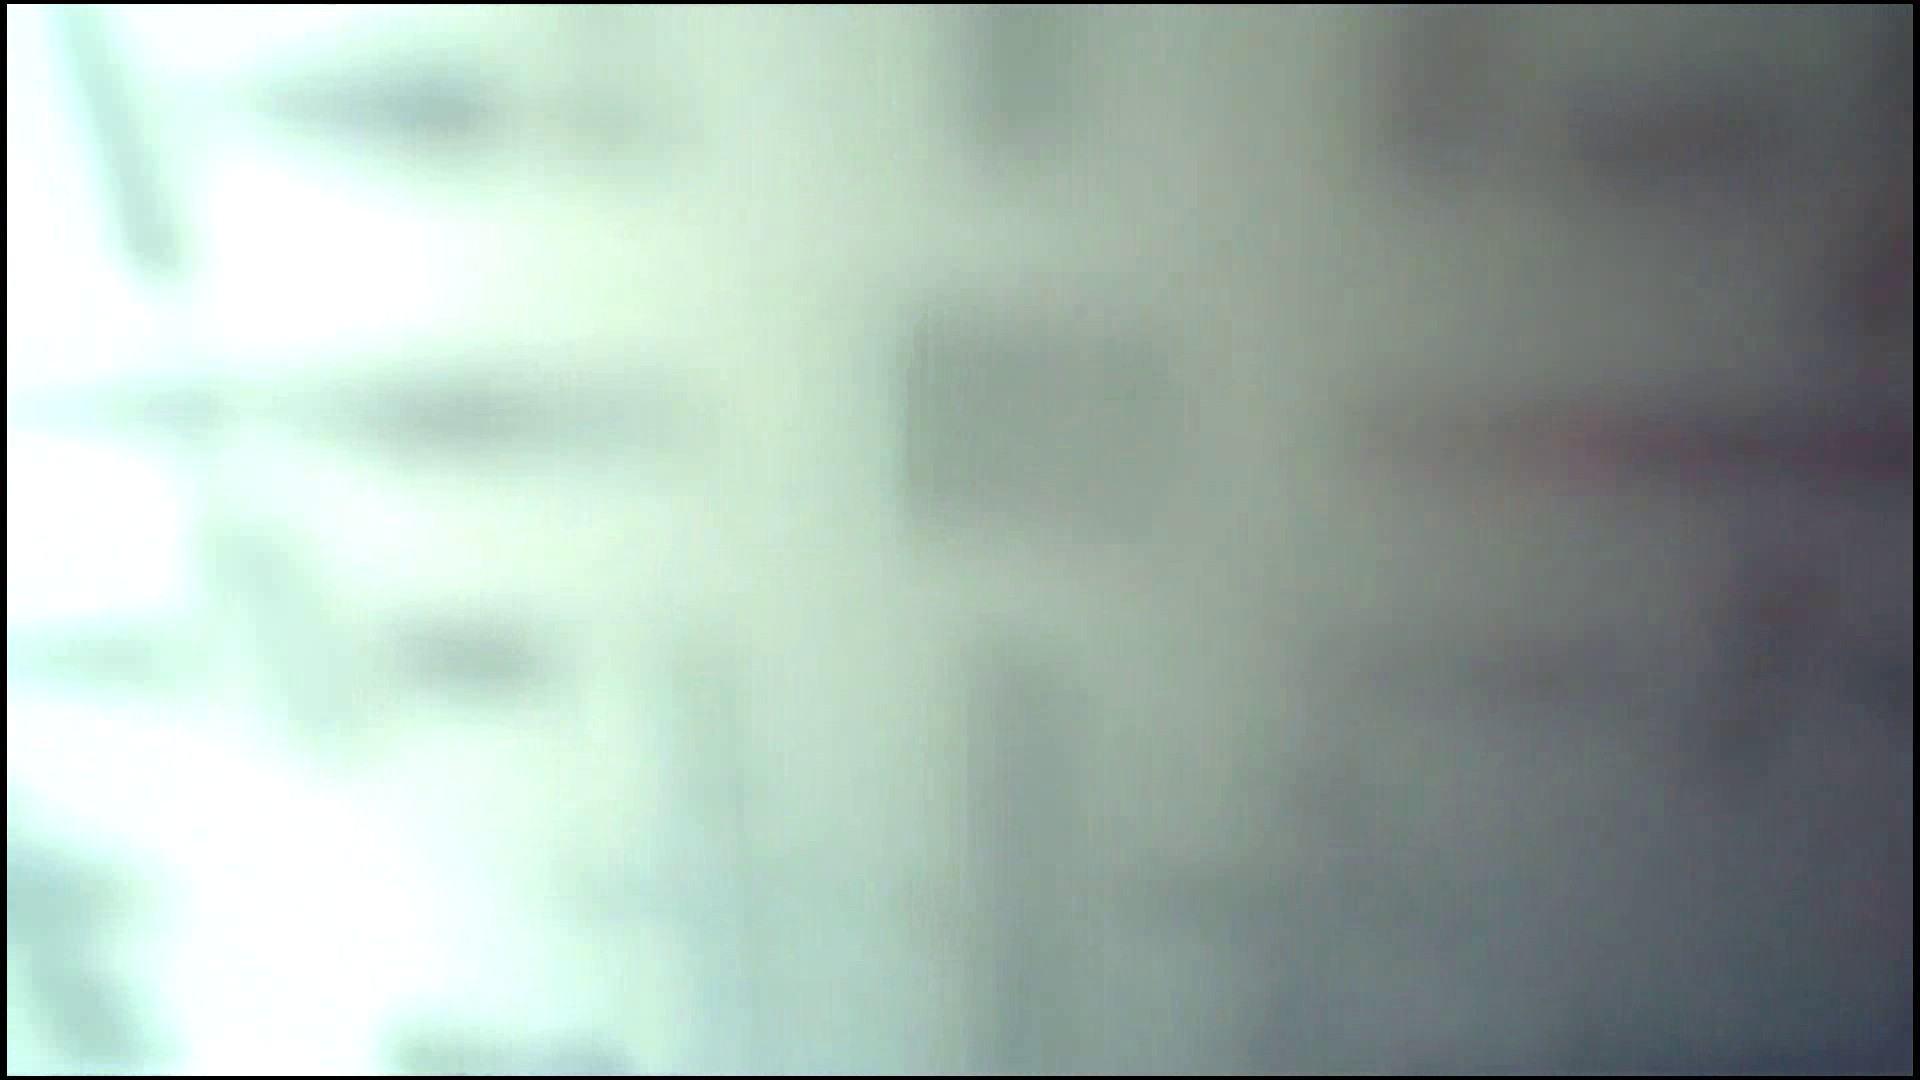 潜入!!韓国秘密のトイレ!Vol.15 潜入 盗撮AV動画キャプチャ 98pic 13